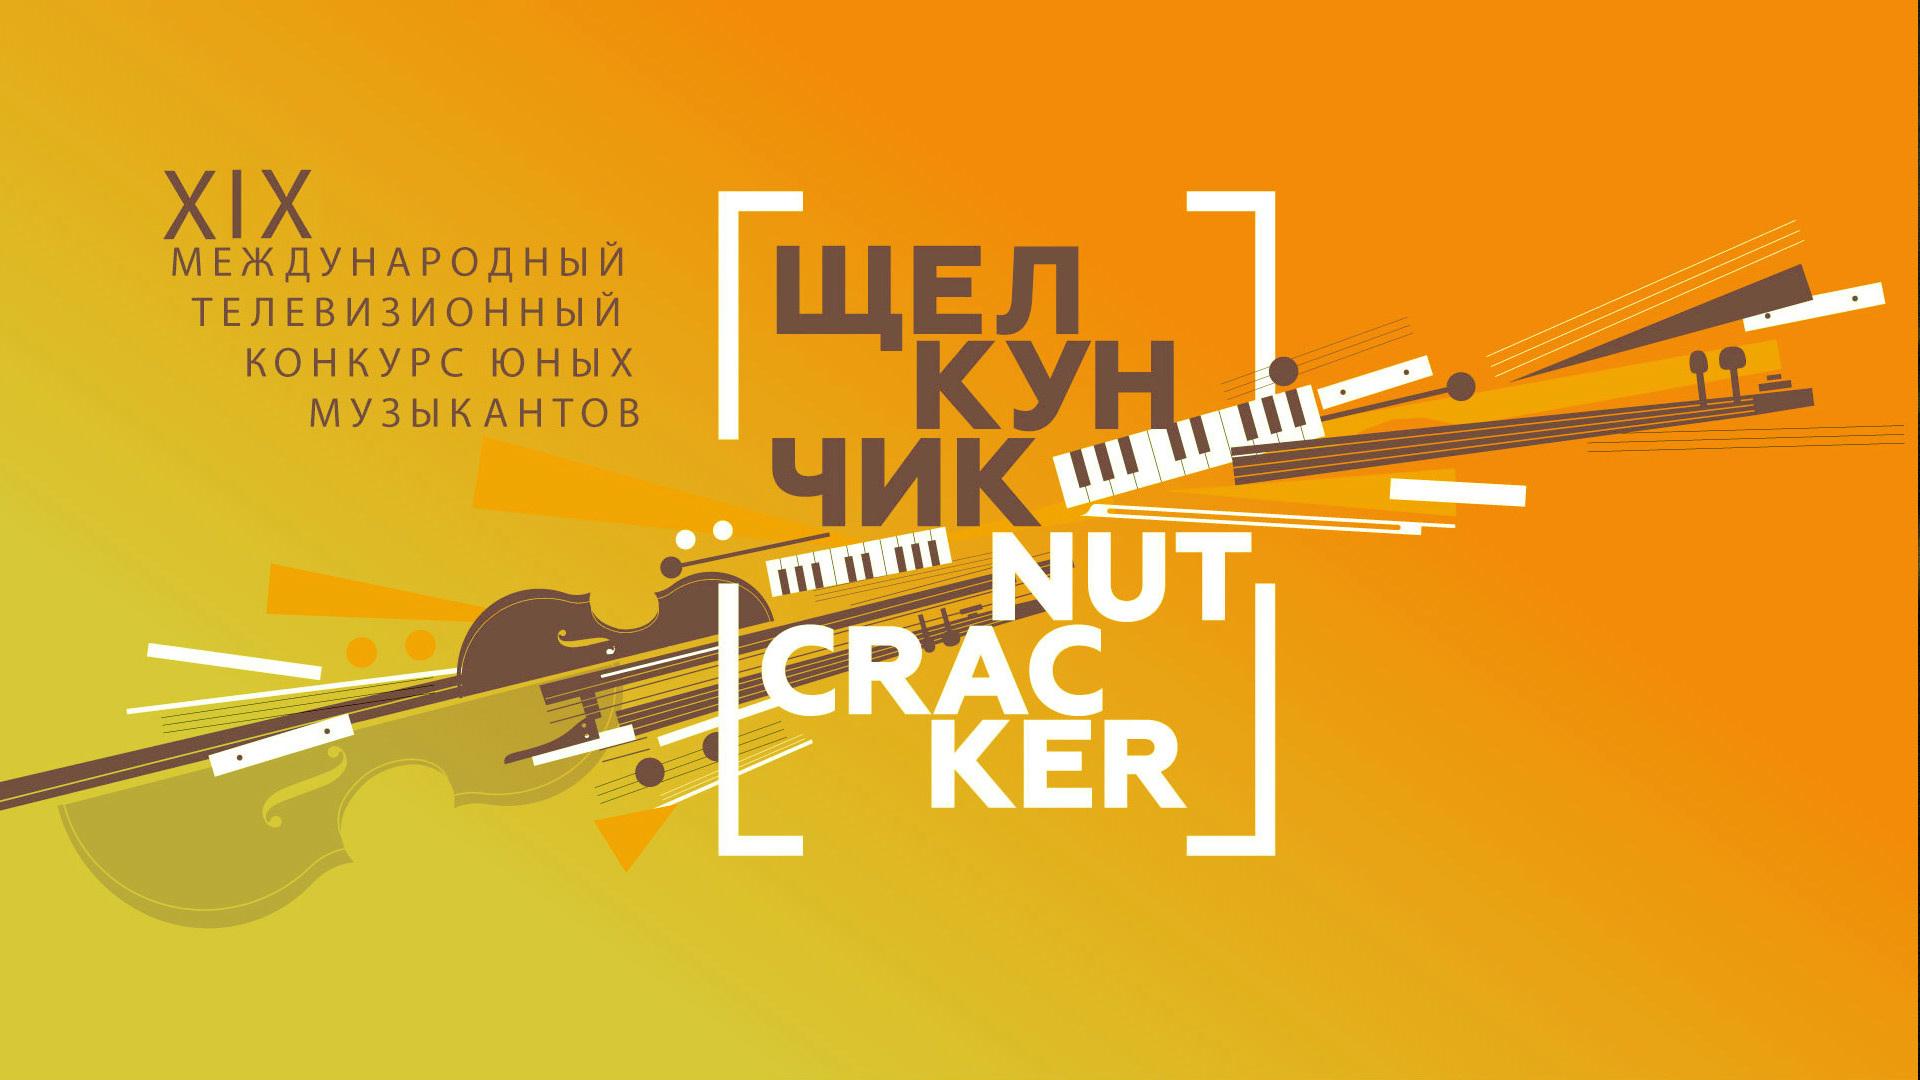 Щелкунчик. XIX Международный телевизионный конкурс юных музыкантов